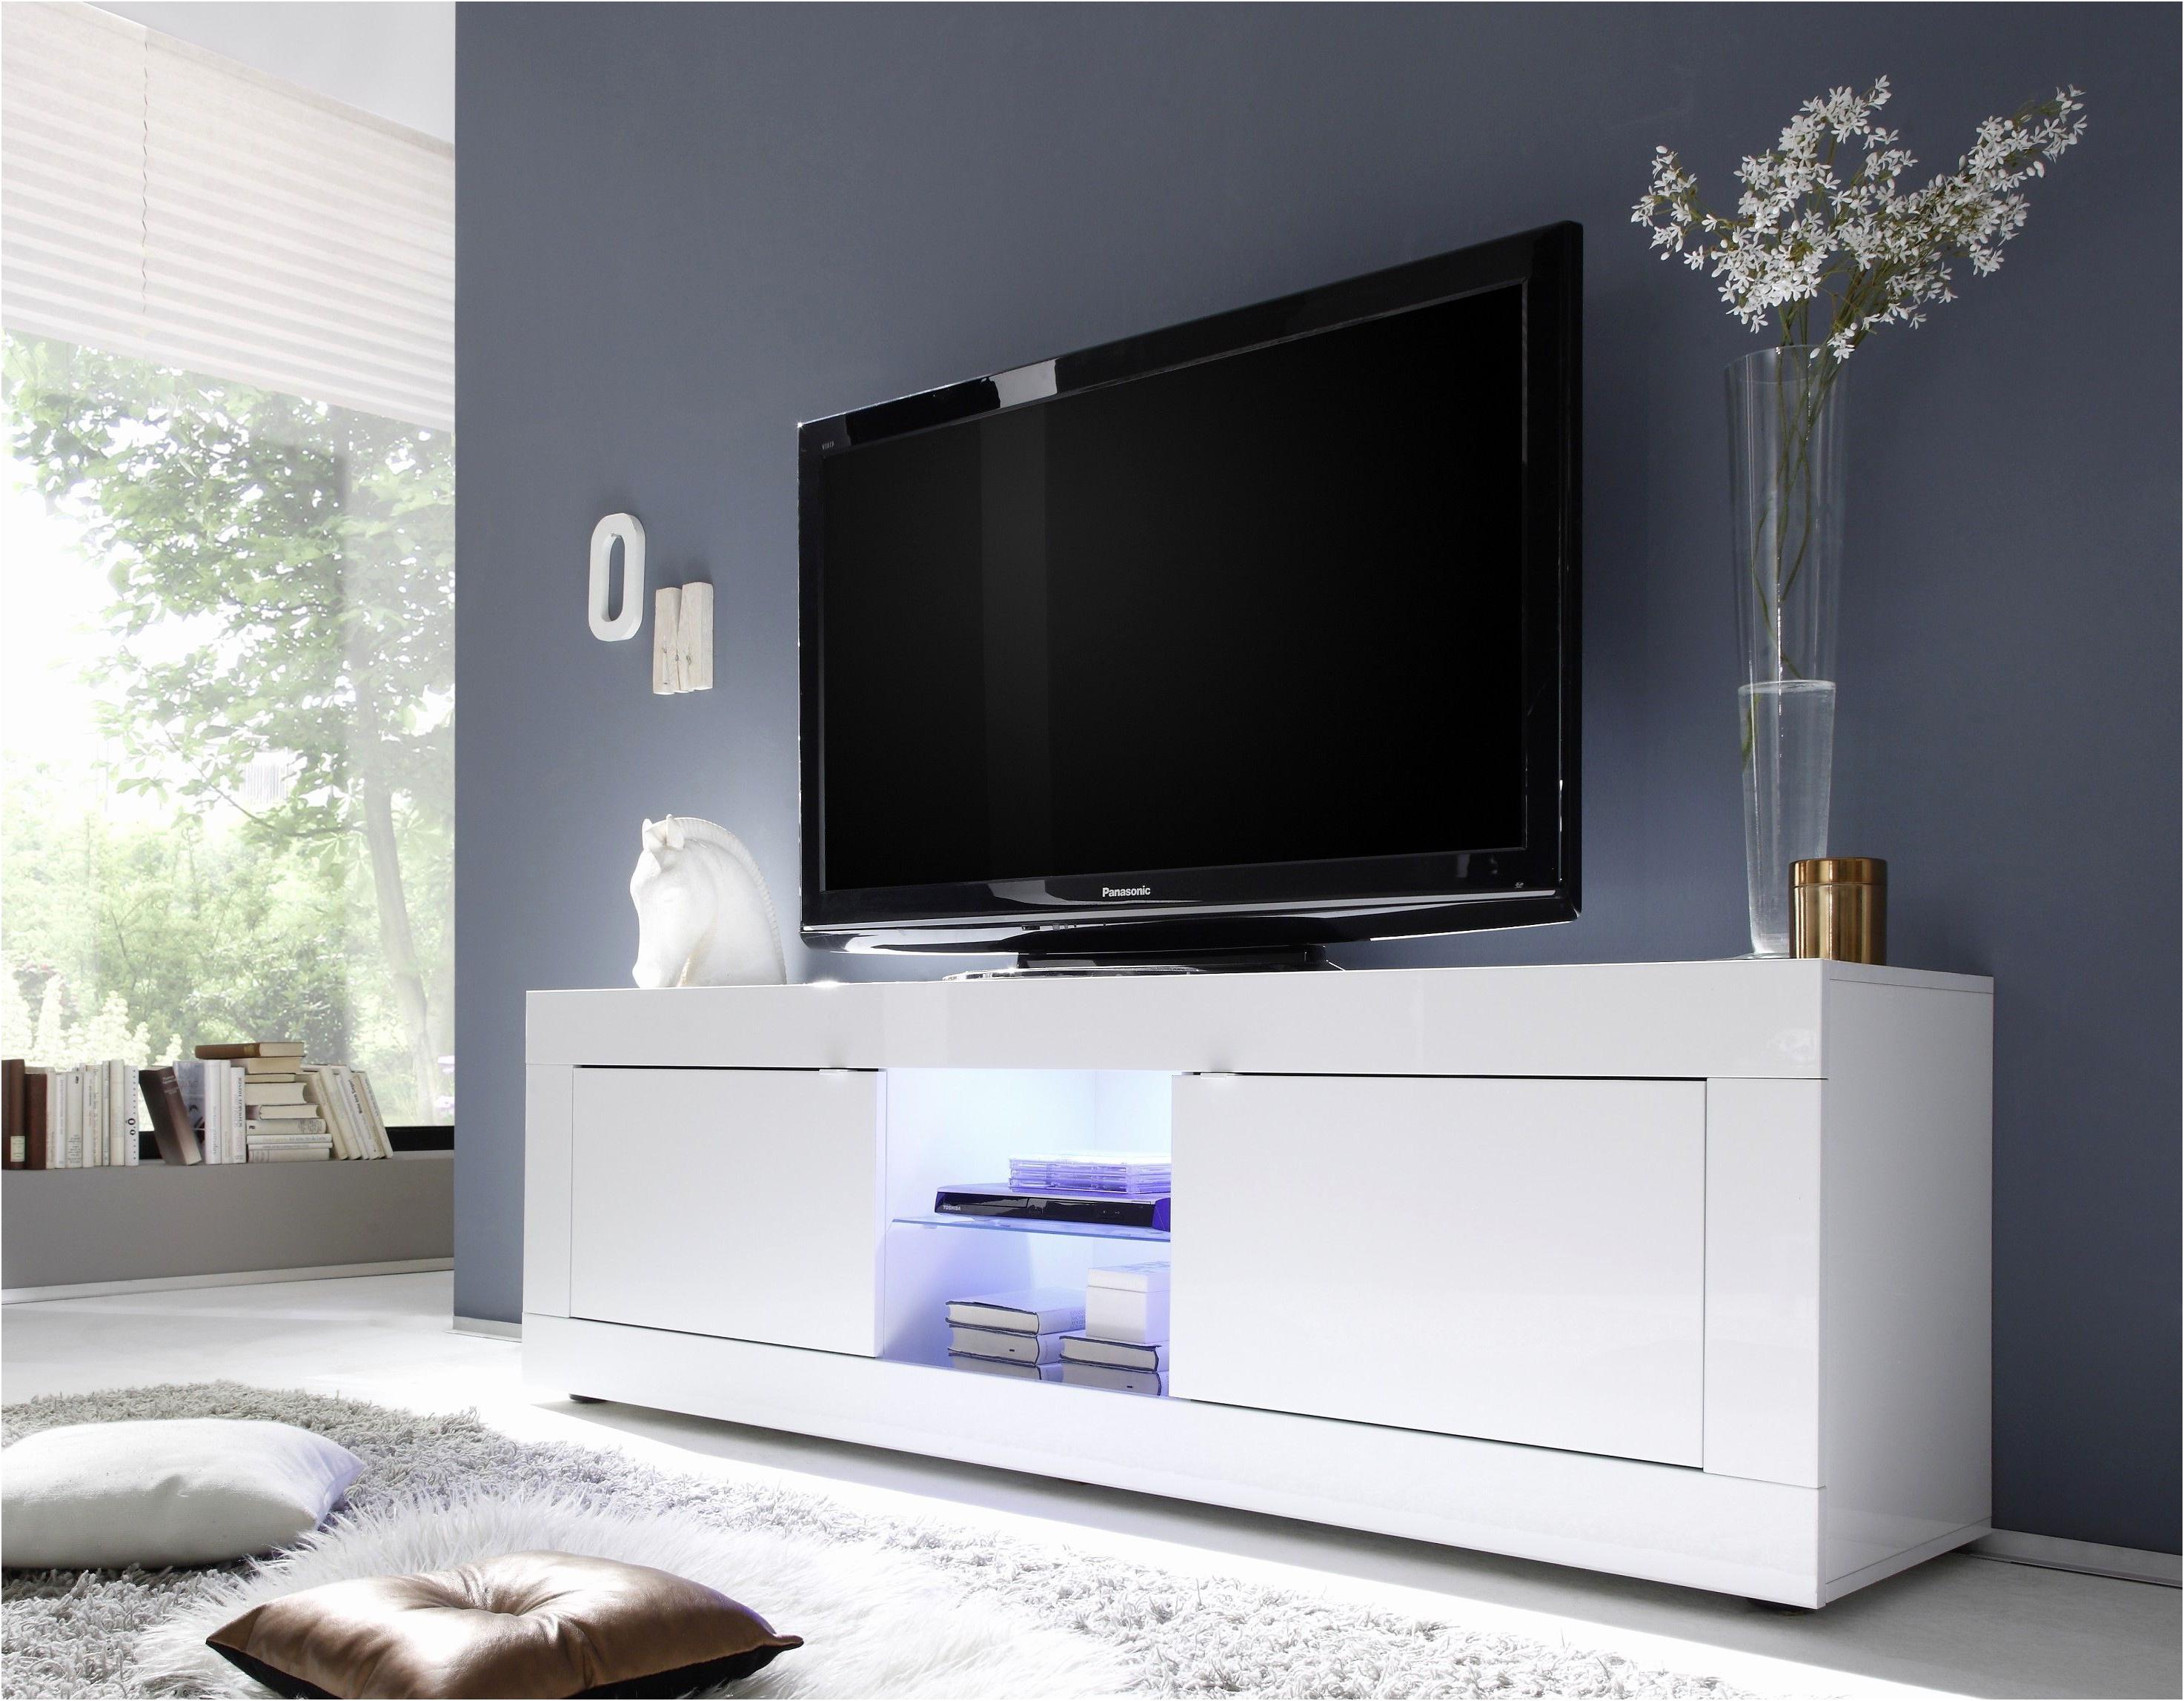 Meuble Blanc Conforama Frais Meuble Tv Laqu Blanc encequiconcerne Meuble Tv Conforama